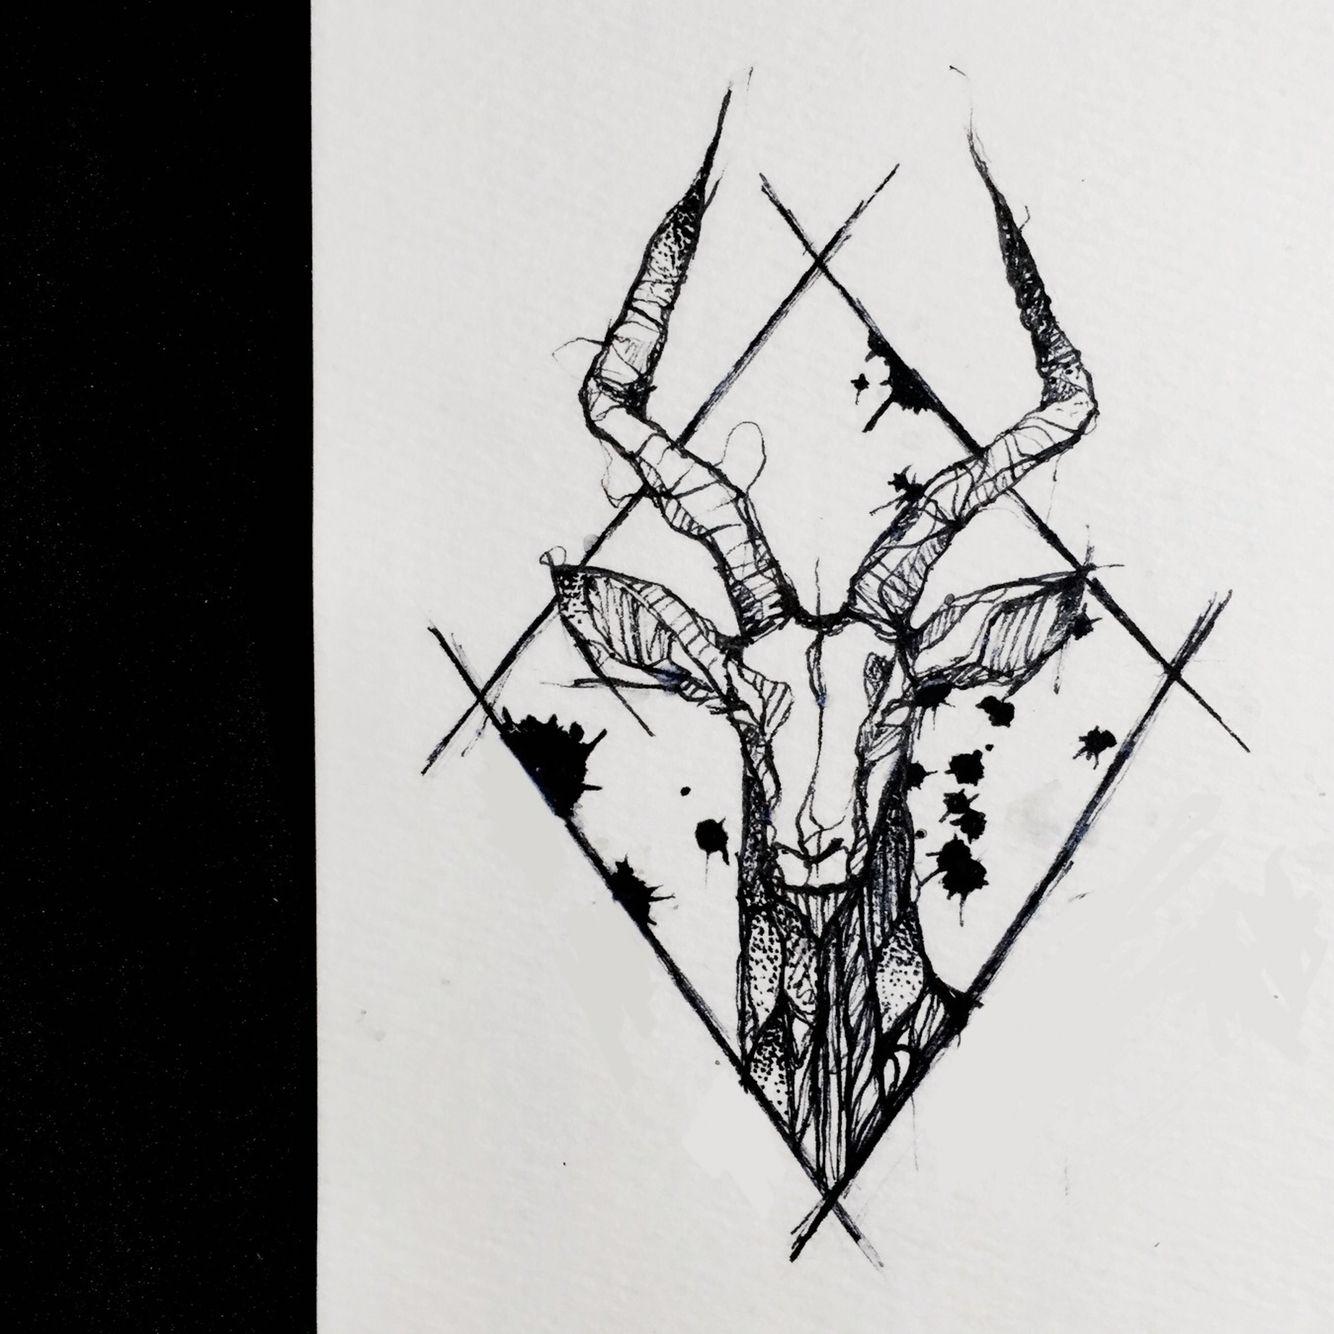 #gazelle Tattoo Work Question: Kakaotalk ID-Dhkp